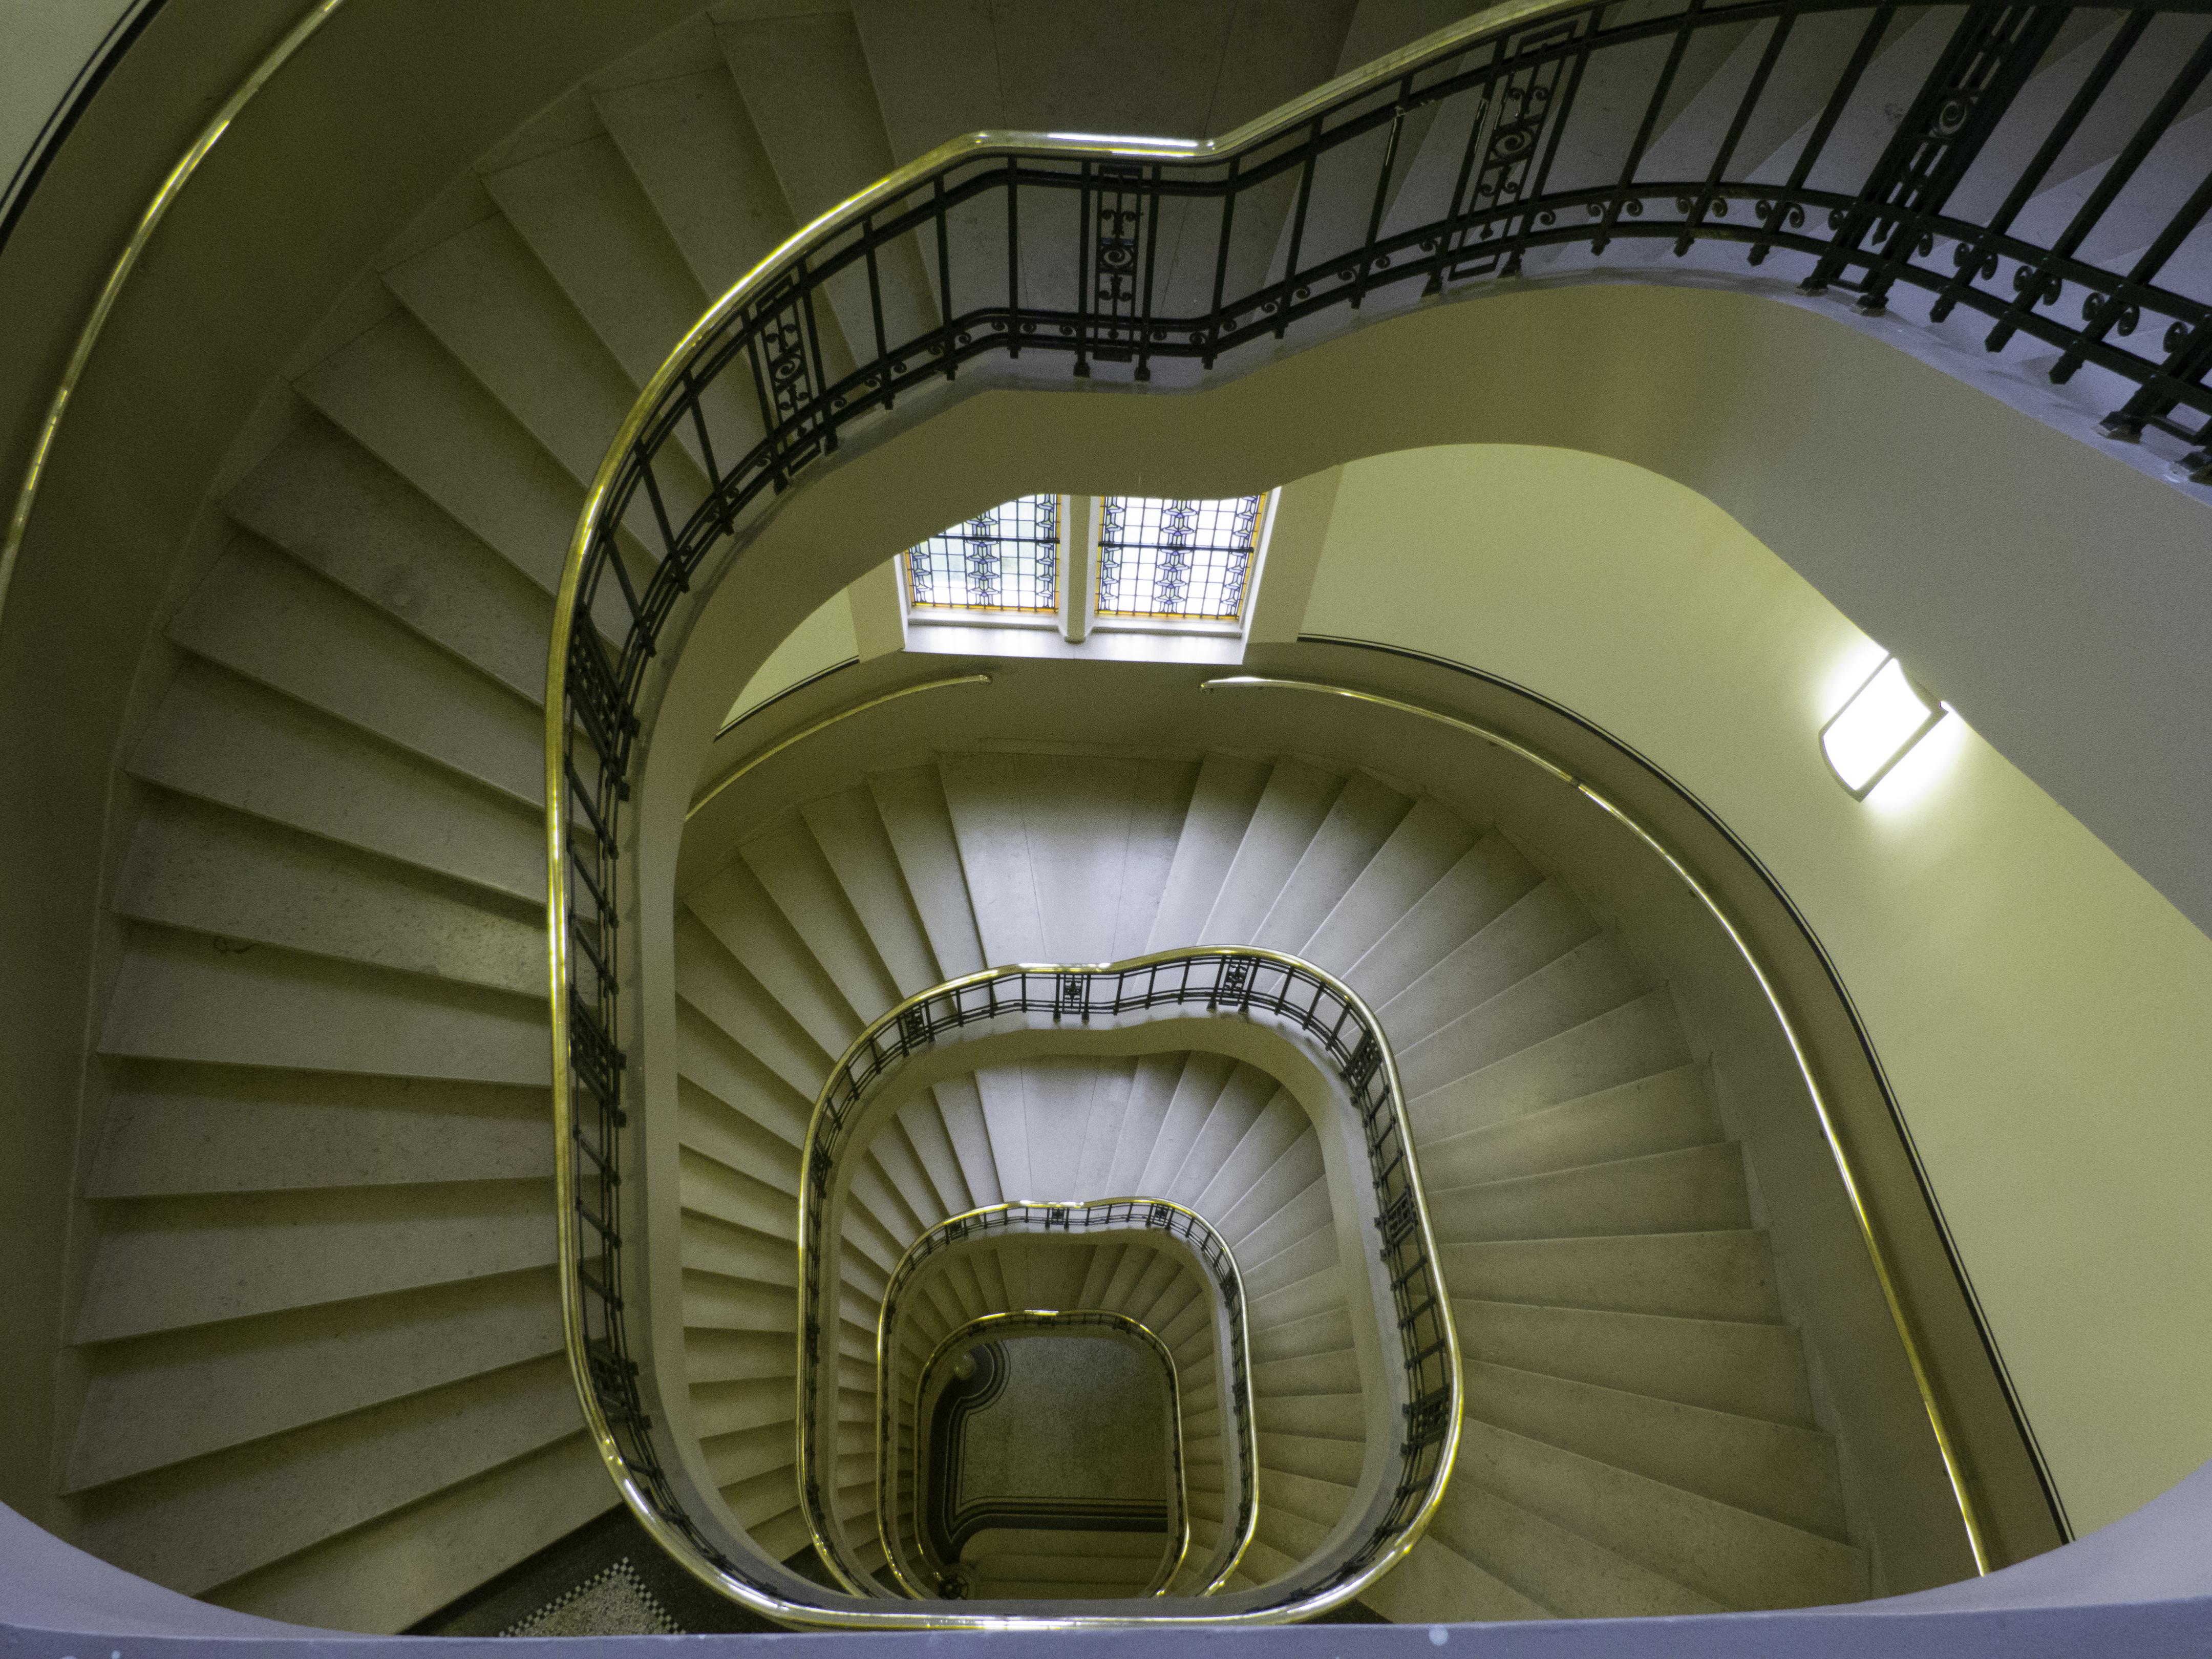 trappenhuis in het stadhuis